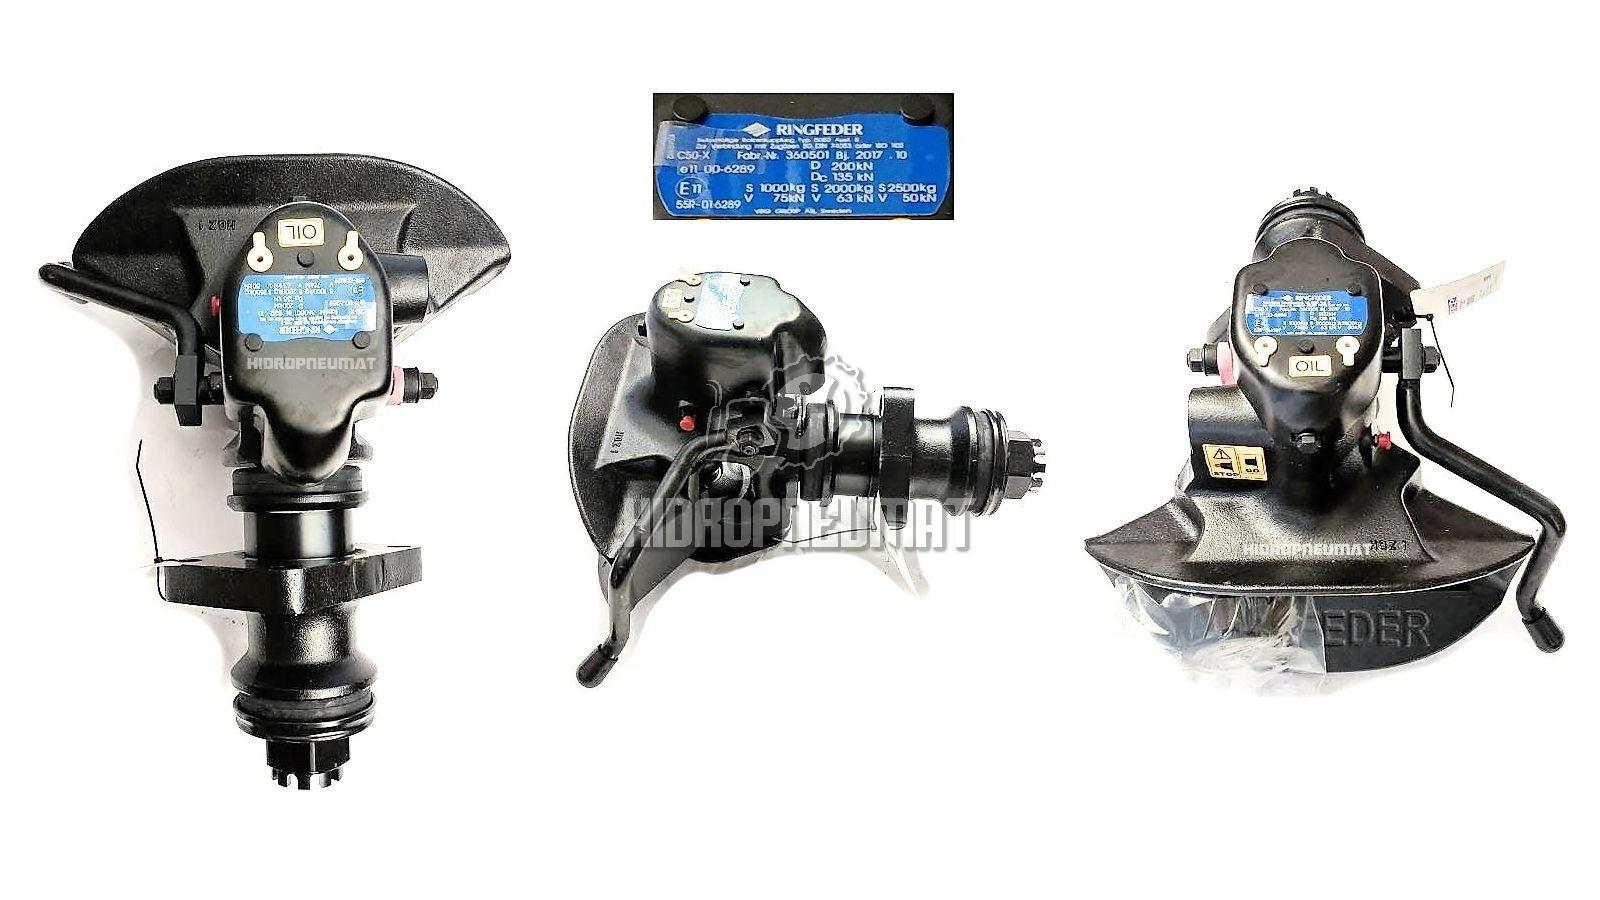 KUKA RINGFEDER FI50 5050A, 160x100 mm